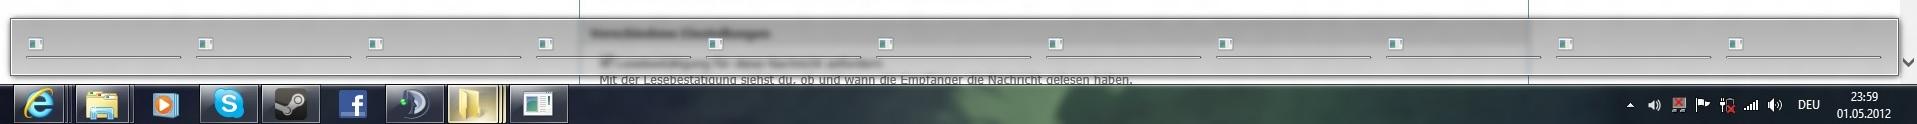 Windows zeigt in der Taskleiste unbekannte Buttons an-unbekannte-symbole-taskleiste.jpg